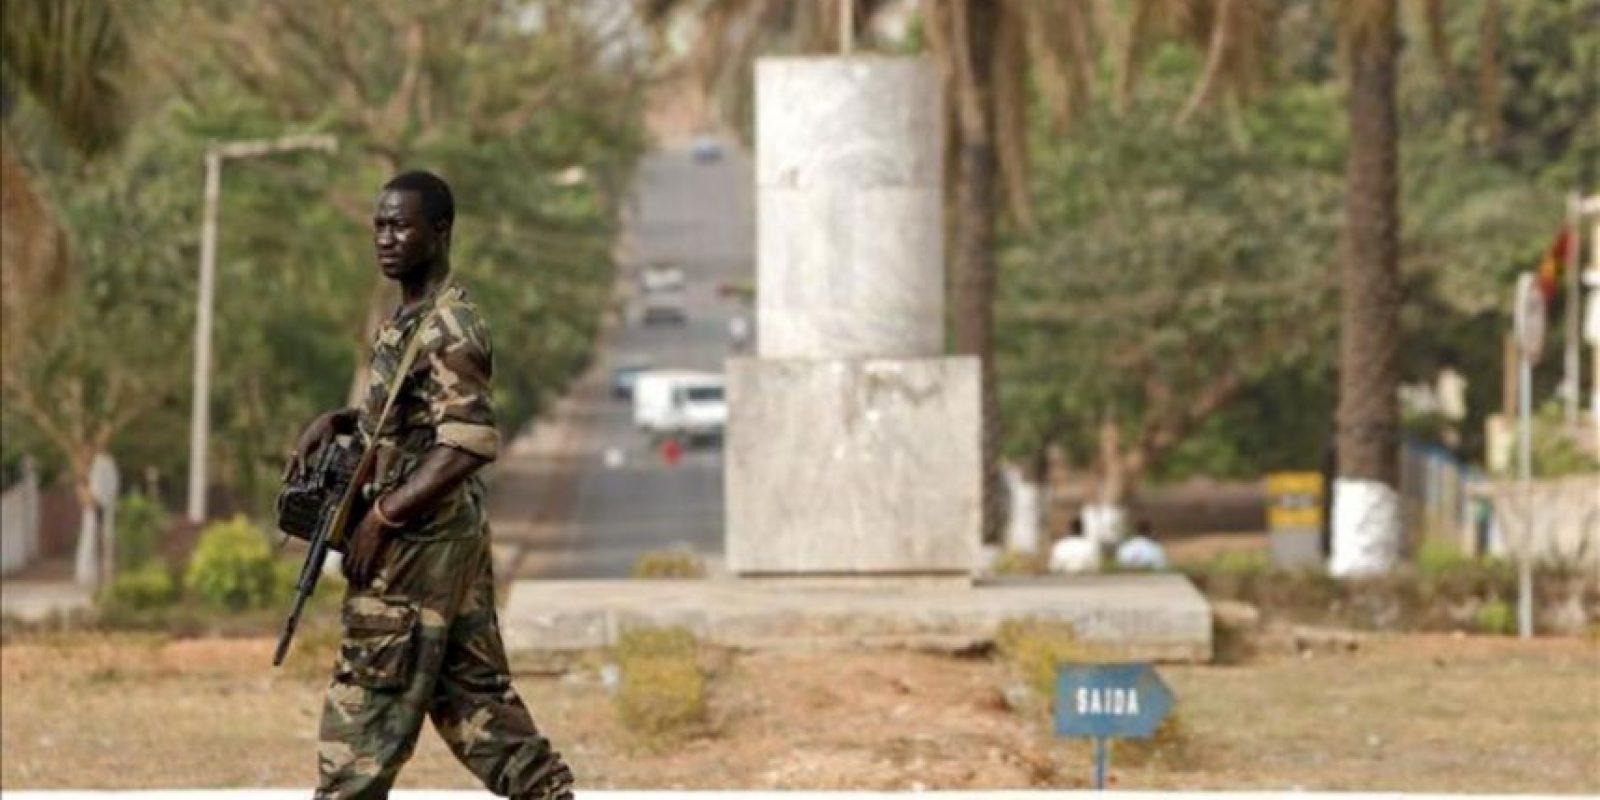 Un soldado pasa junto a la sede del Parlamento en Bissau, Guinea Bissau. EFE